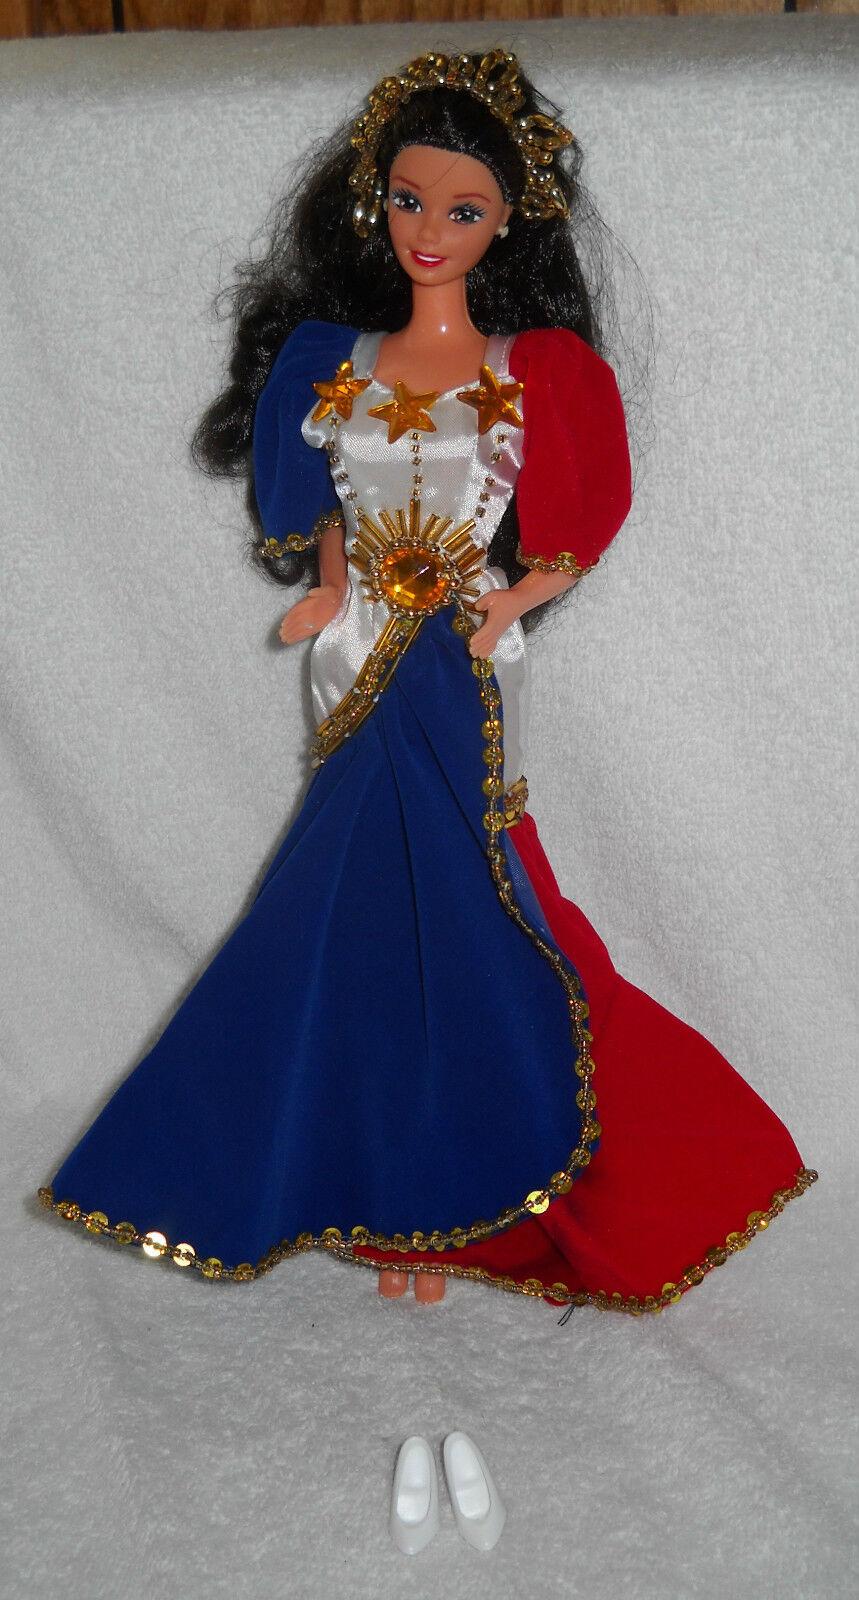 Nuevo que aparezcan Filipinas Flores De Mayo Reyna banderada Barbie Exterior